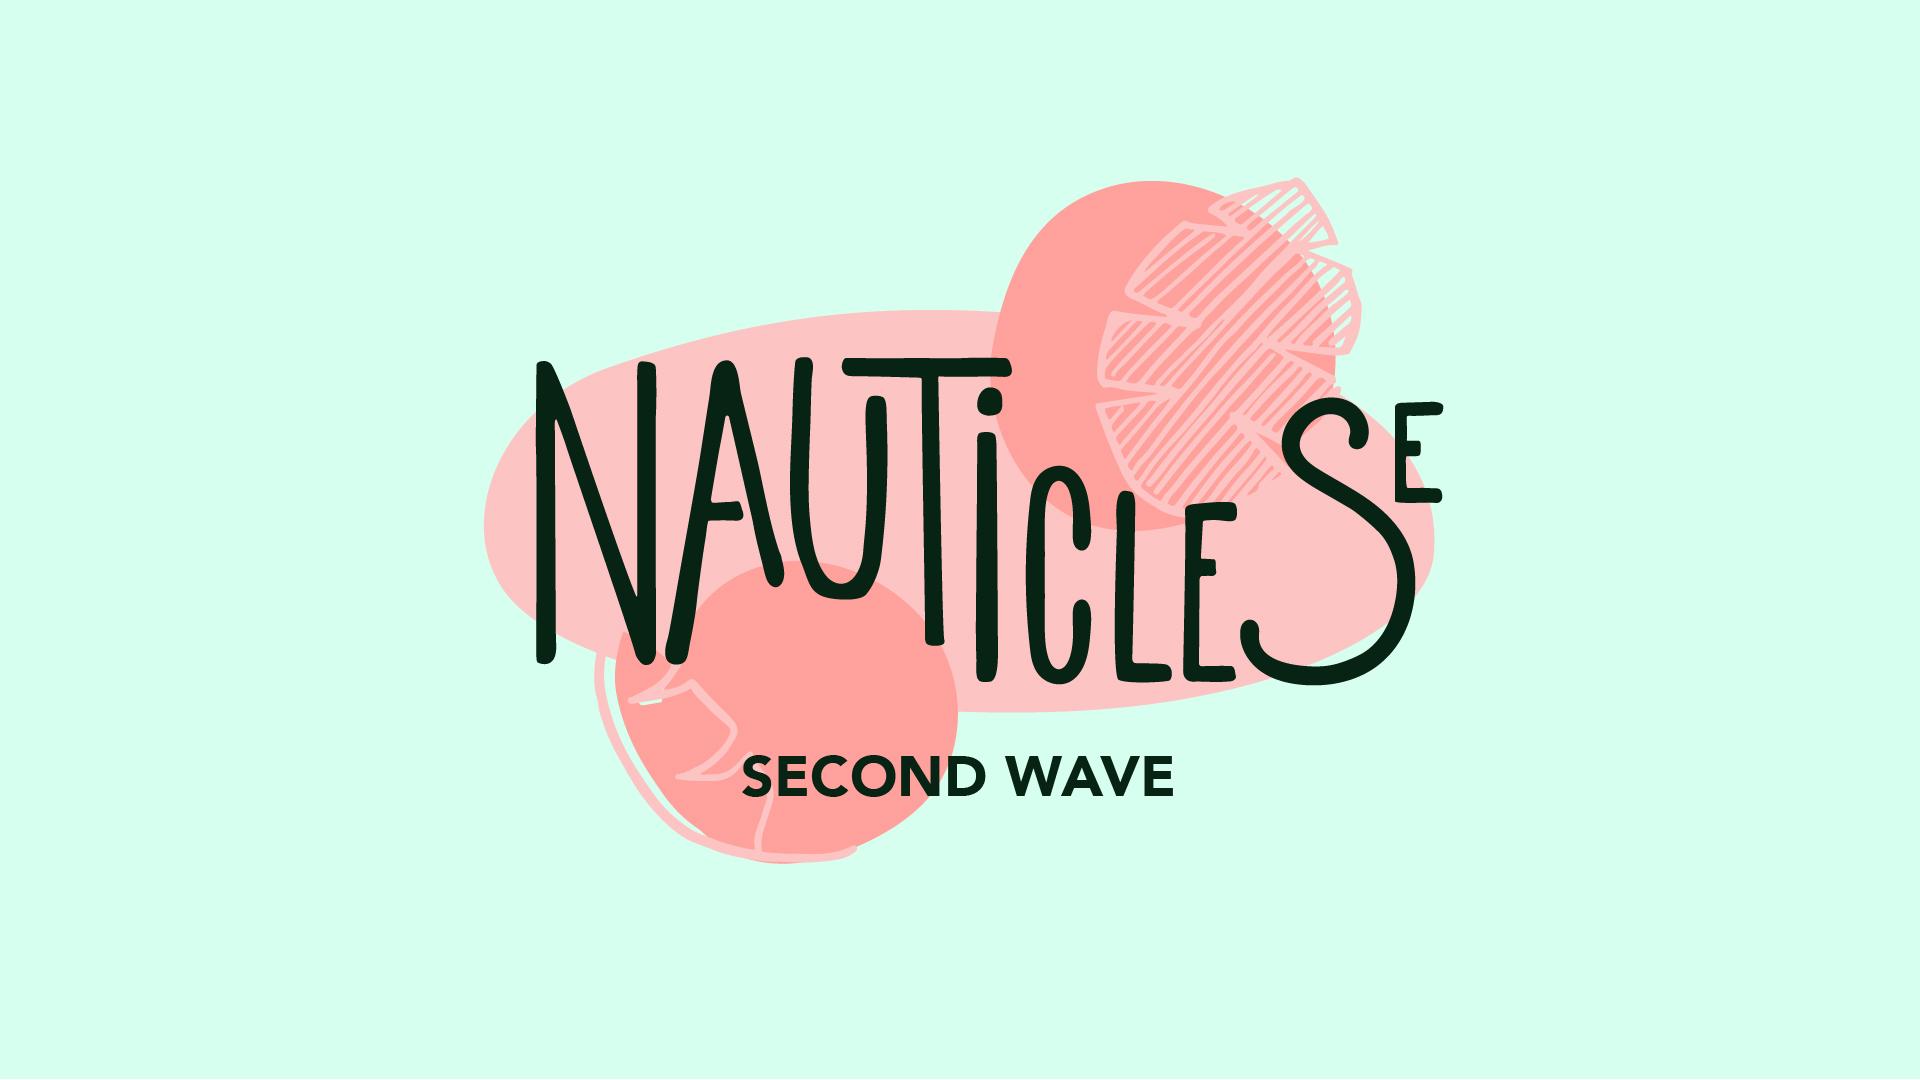 nauticlese-eventbrite-01.jpg